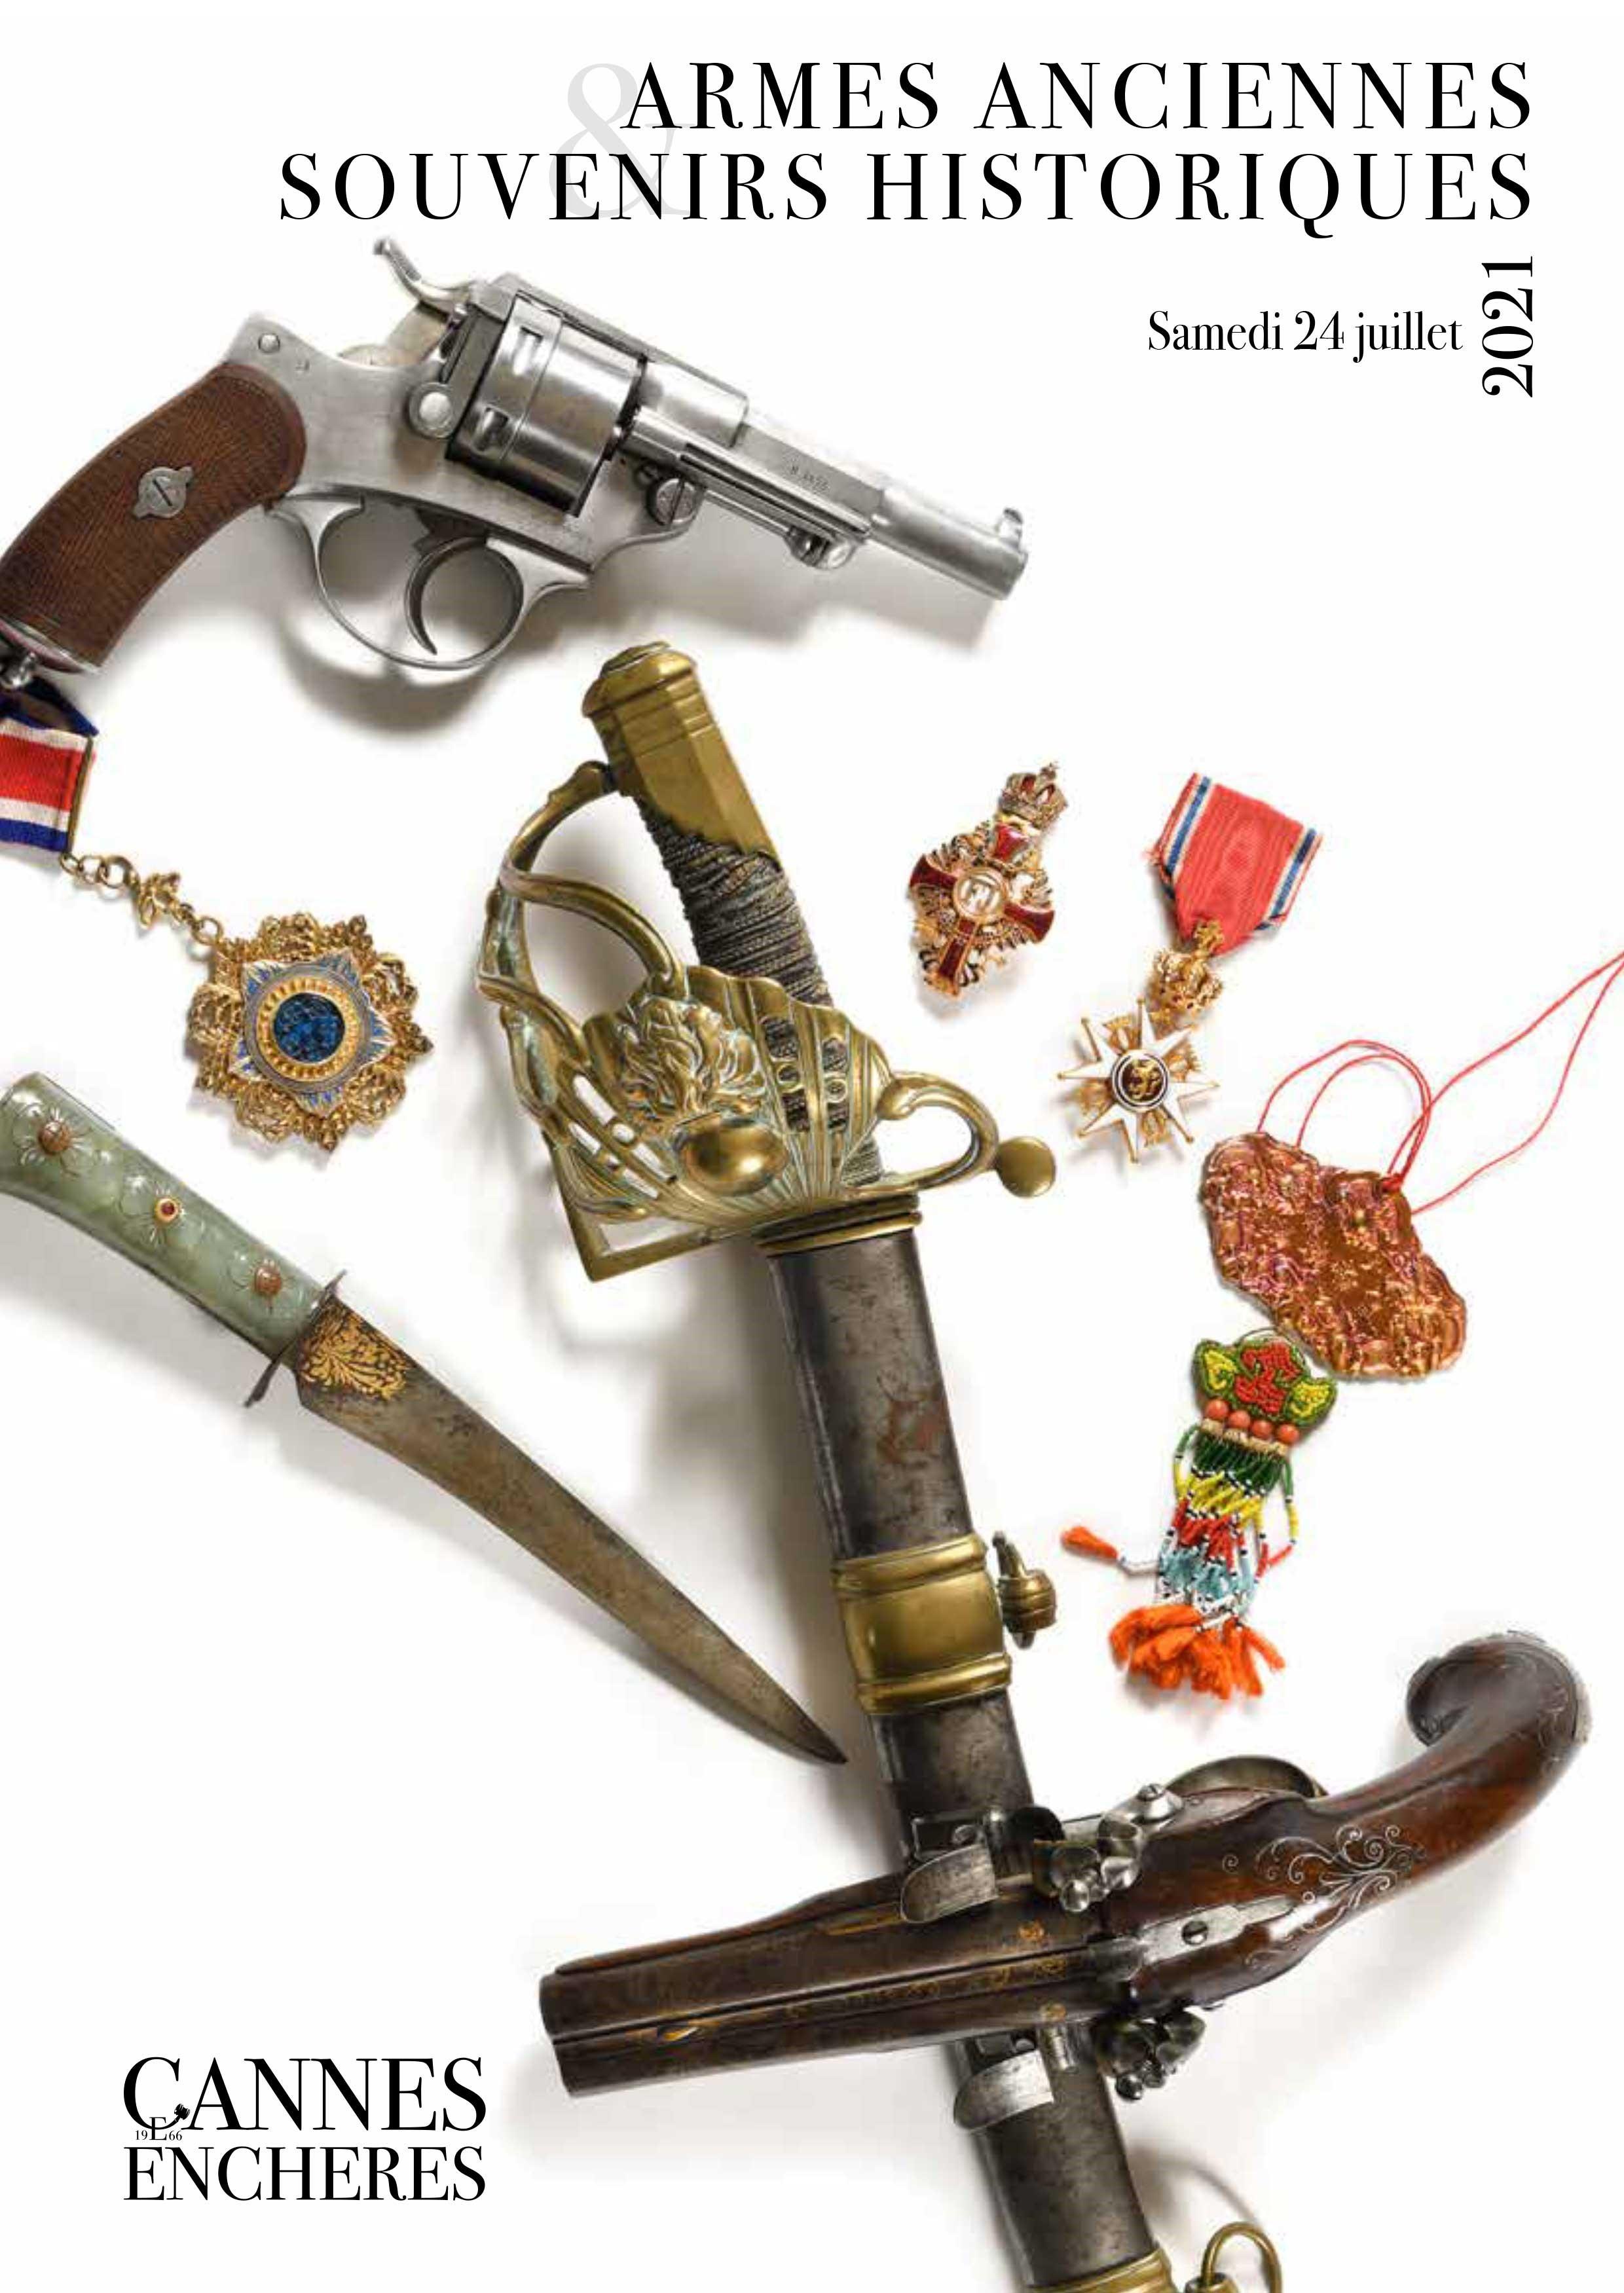 Vente Armes anciennes et Souvenirs historiques chez Cannes Enchères : 324 lots